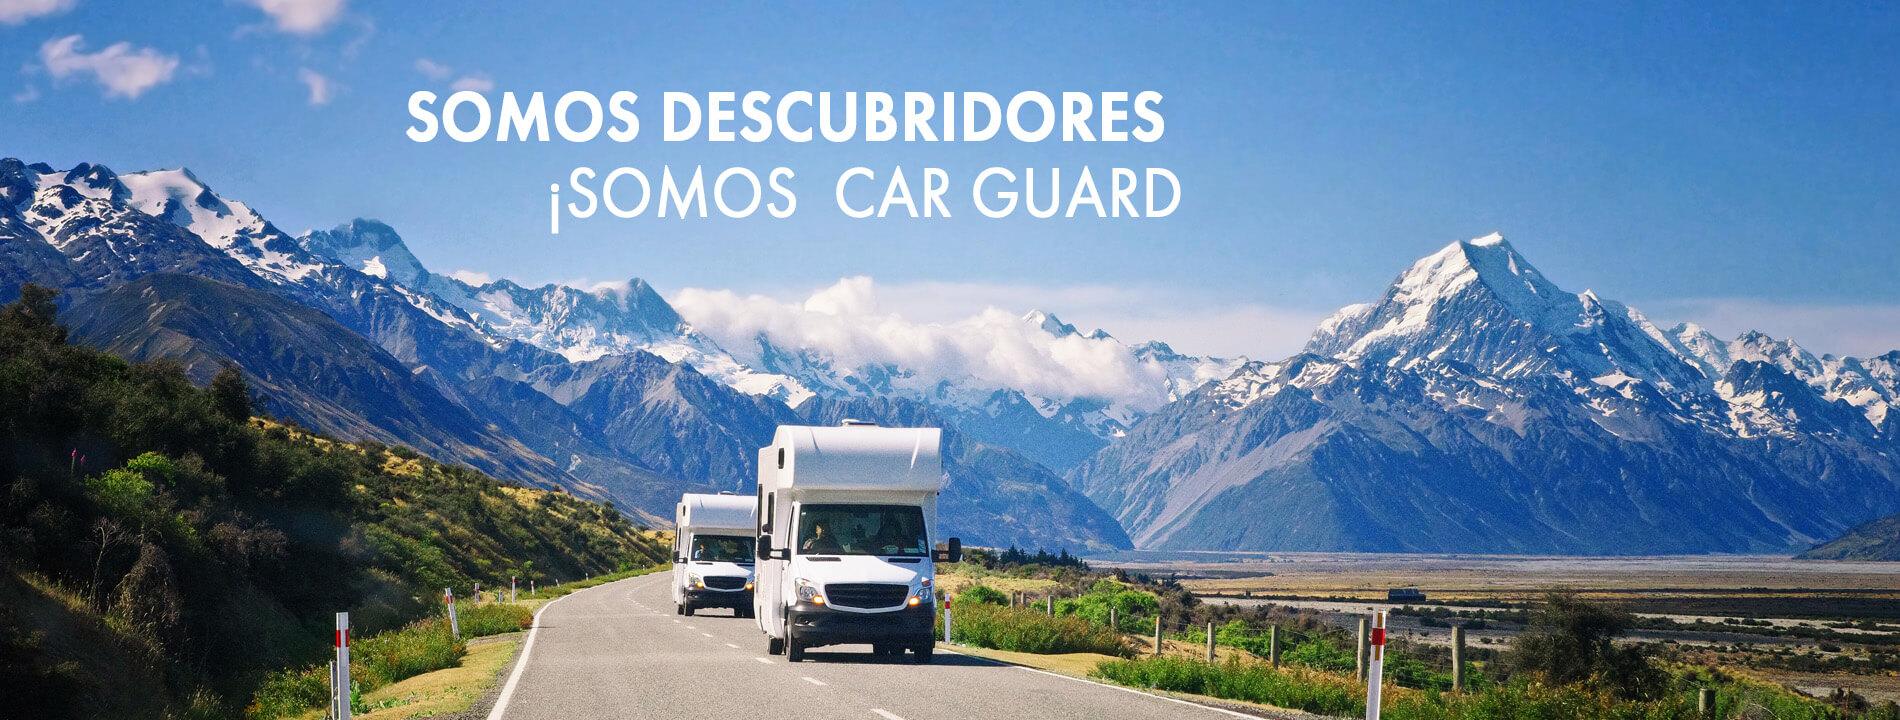 Somos descubridores - Somos Car Guard